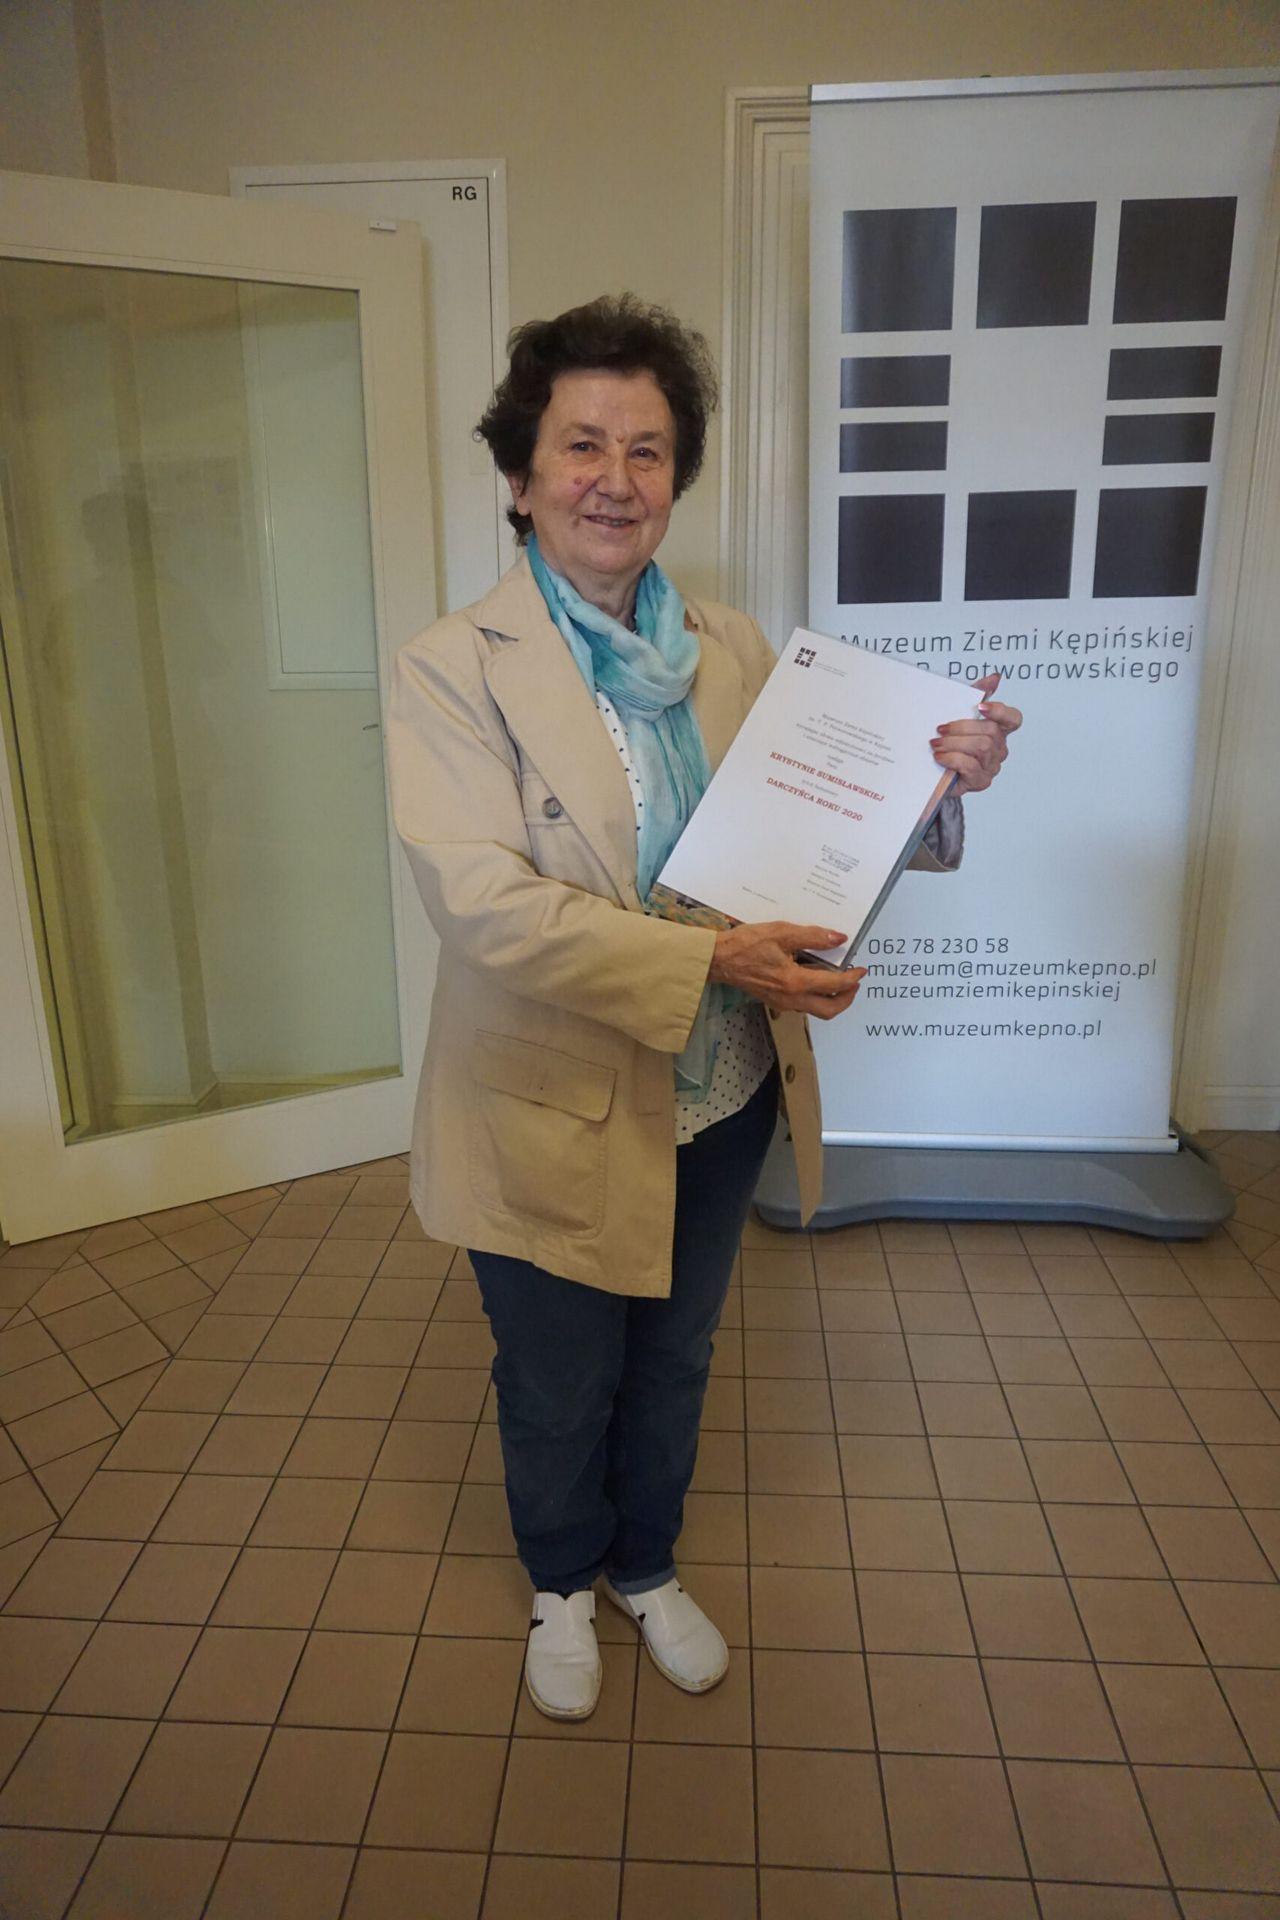 Darczyńca Roku 2020 Pani Krystyna Sumisławska stojąca w korytarzu i trzymająca wyróżnienie